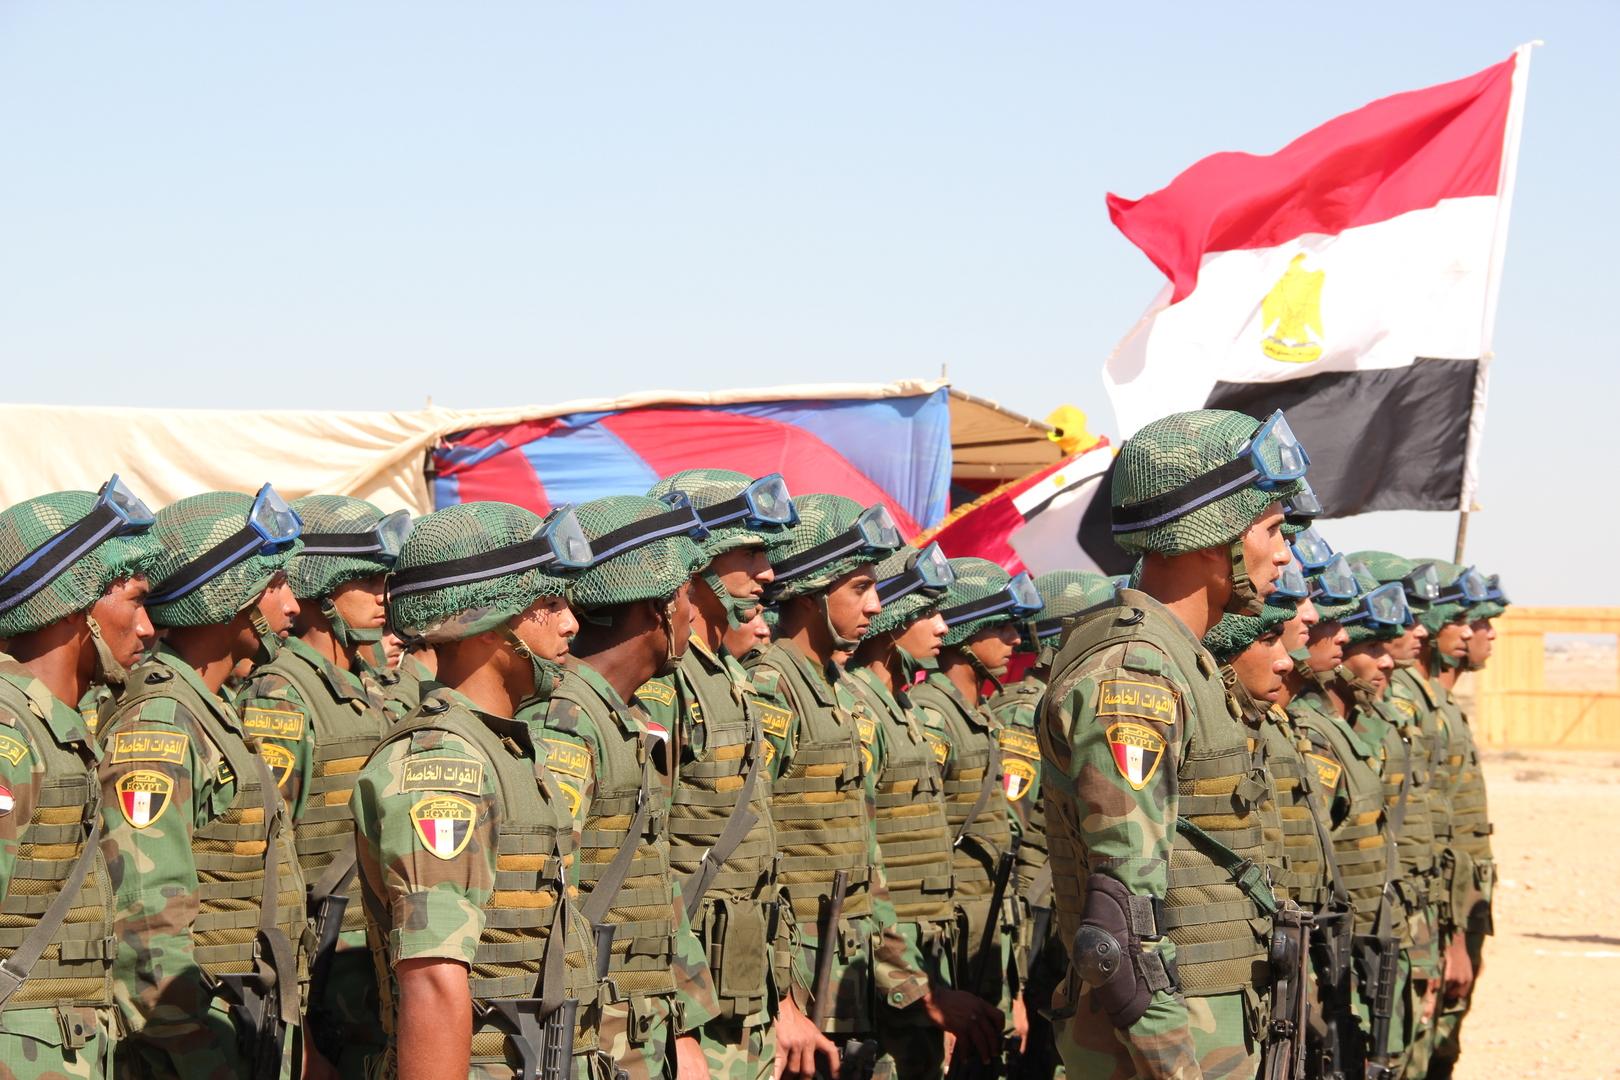 المصريون يفوضون السيسي للتدخل العسكري في ليبيا (صور)